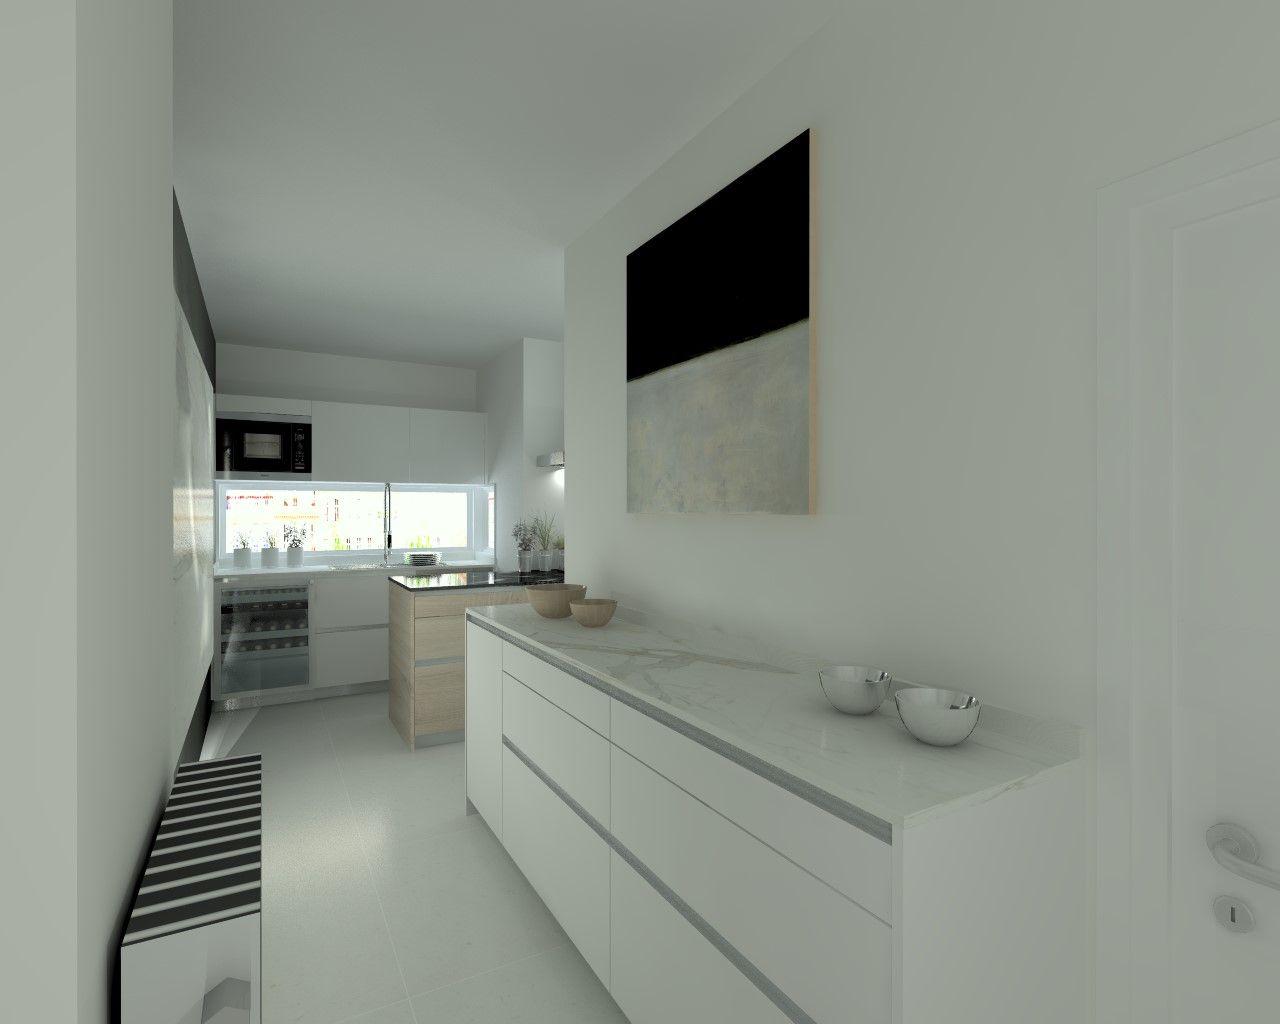 cocina santos modelo line laminado seda blanco encimera mrmol carrara y granito titanium